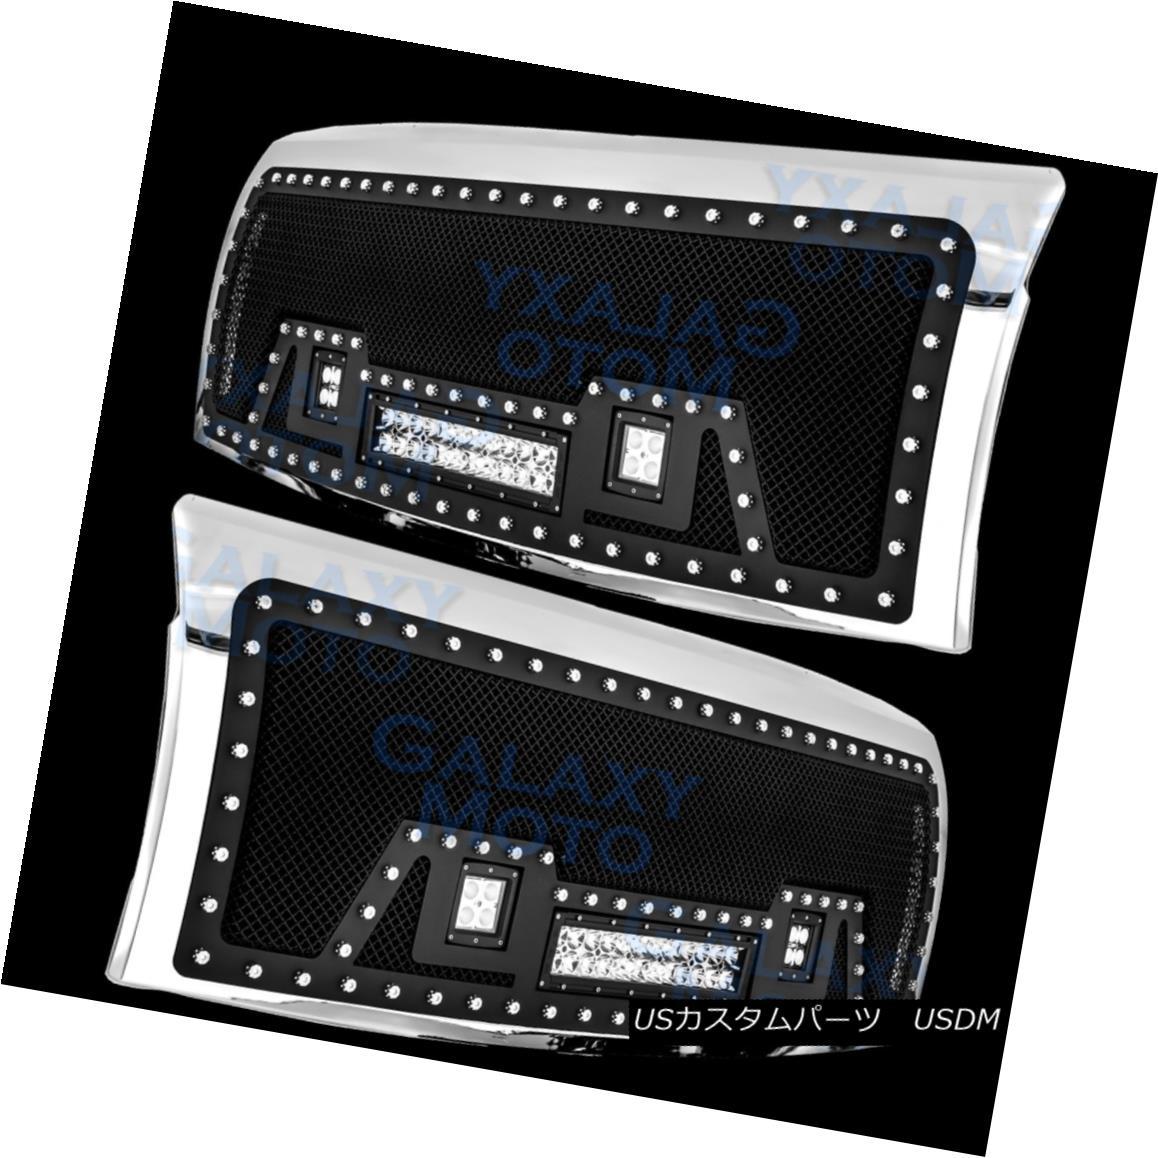 グリル 09-14 Ford F150 Rivet Black SS Mesh Grille+Chrome Shell W/ 2x LED+LED Light Bar 09-14 Ford F150リベットブラックSSメッシュグリル+クロームシェルW / 2x LED + LEDライトバー